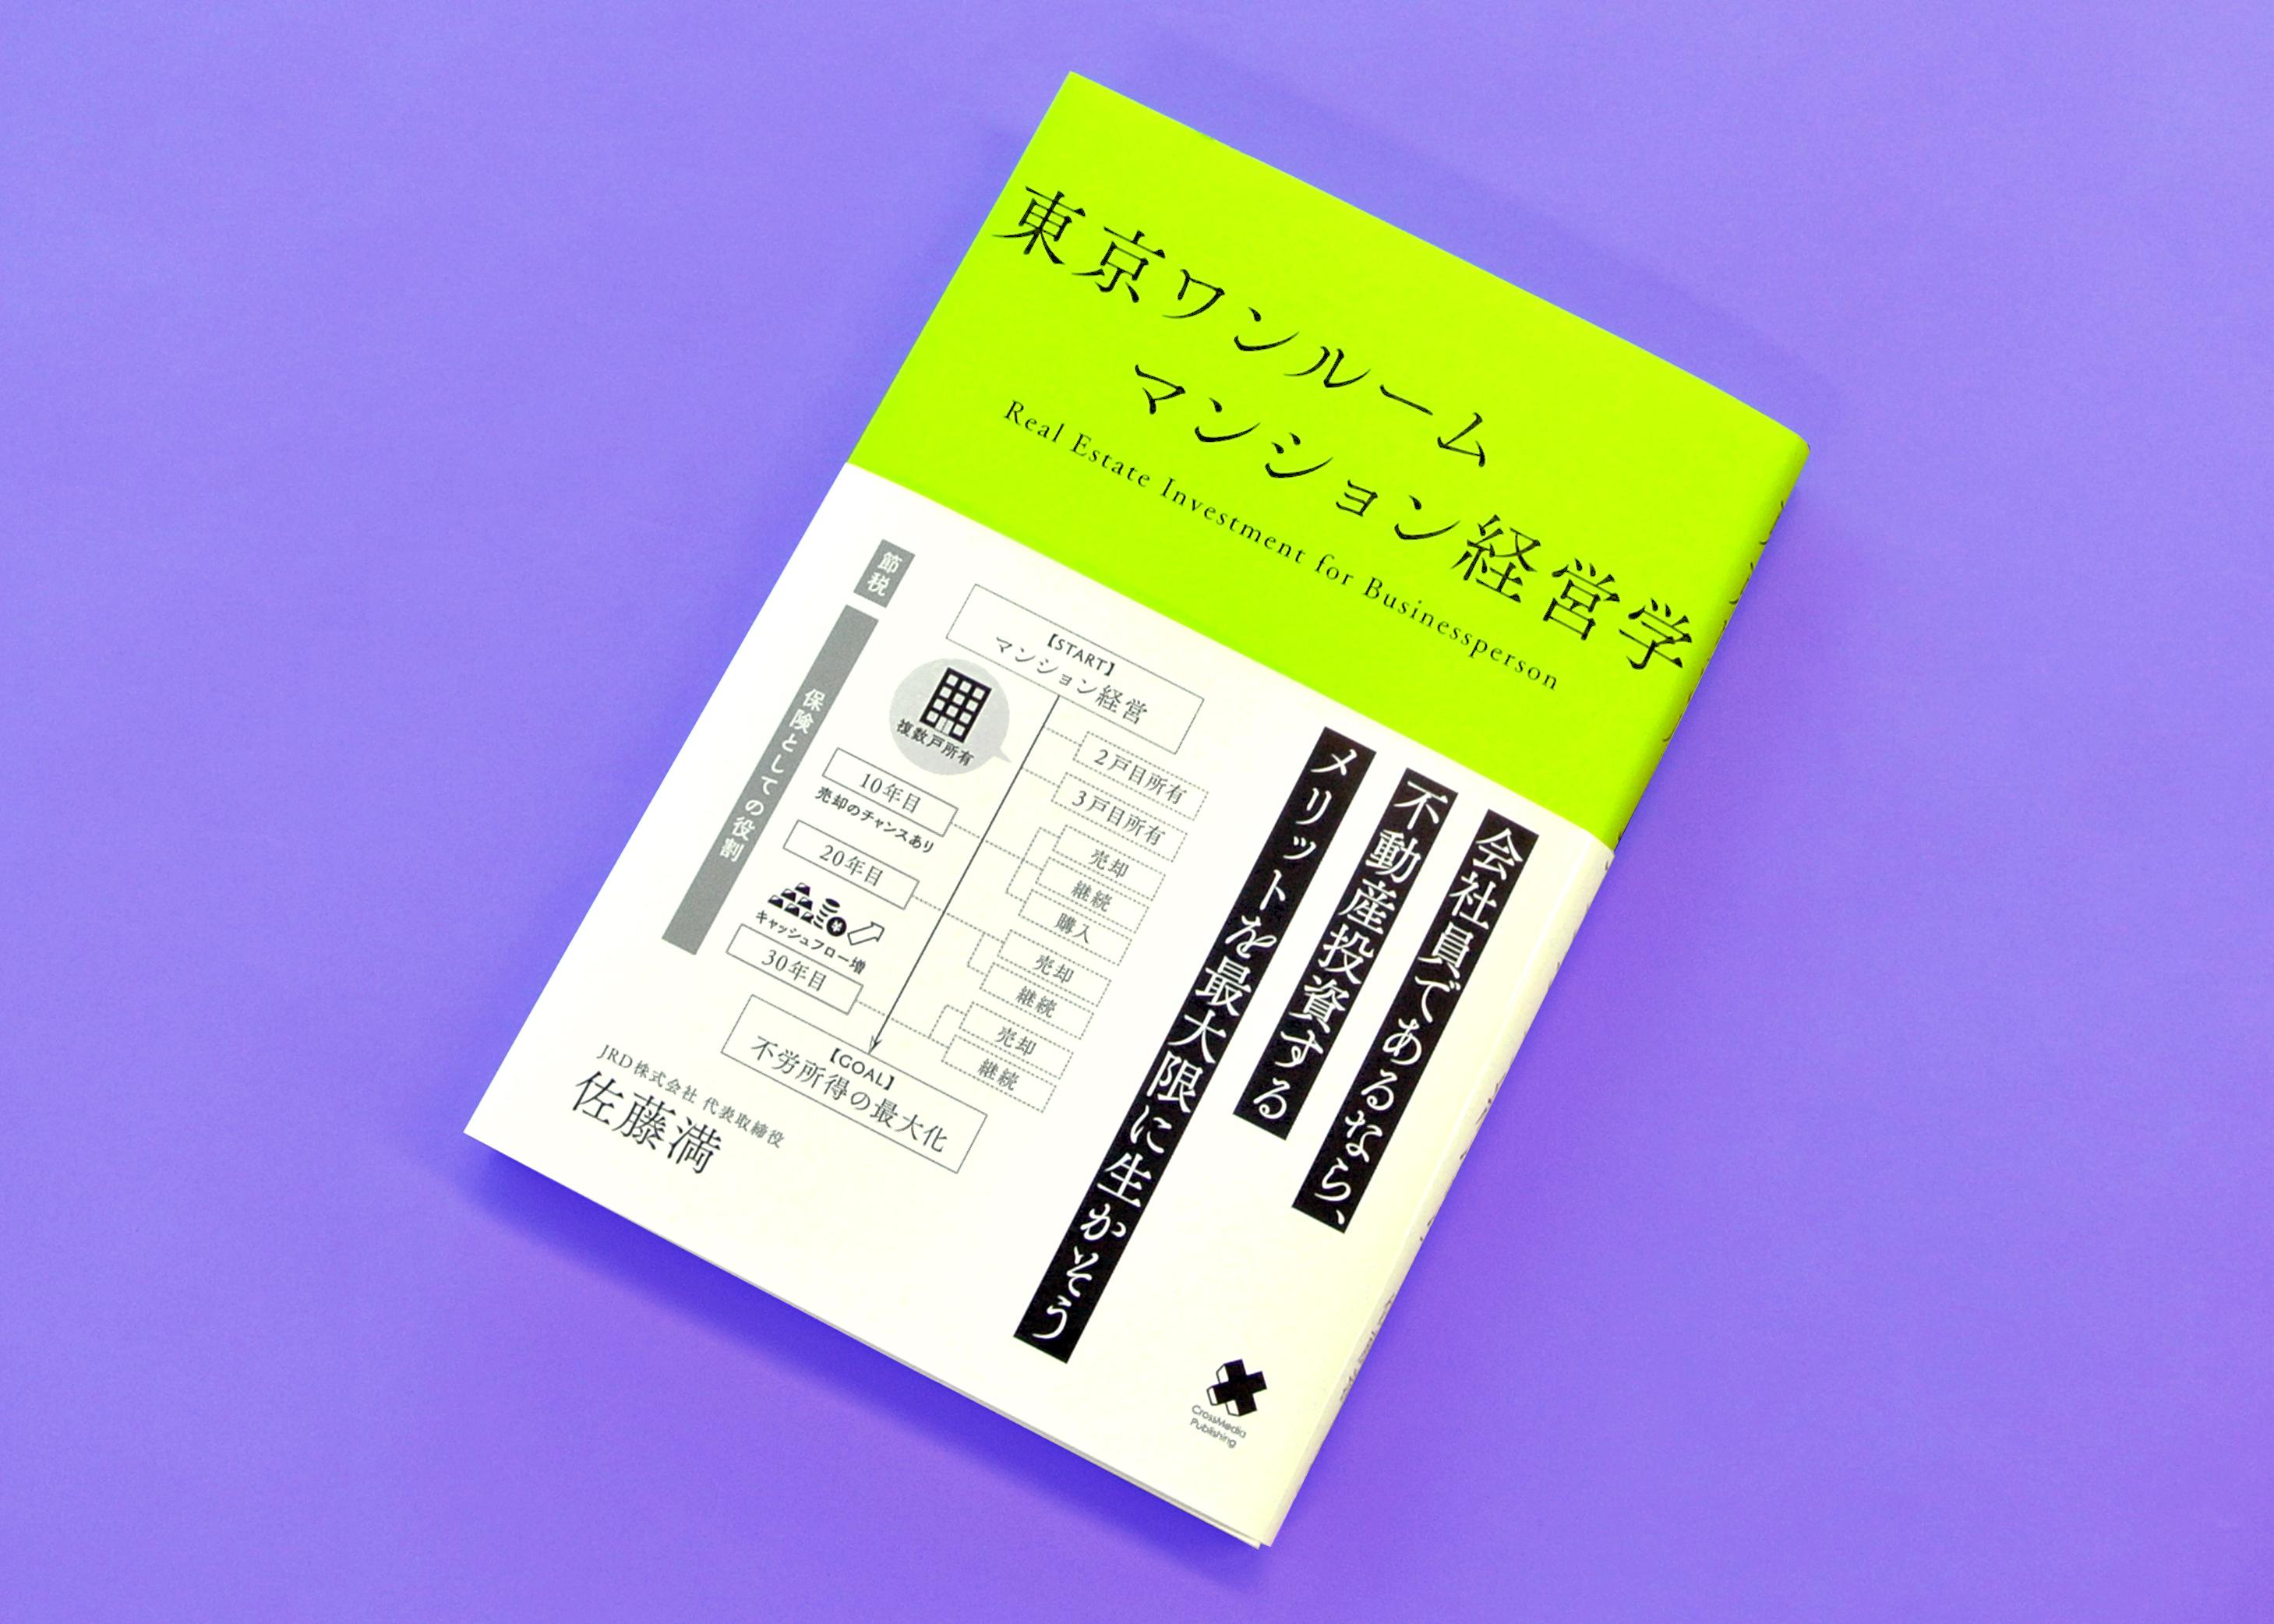 東京ワンルームマンション経営学